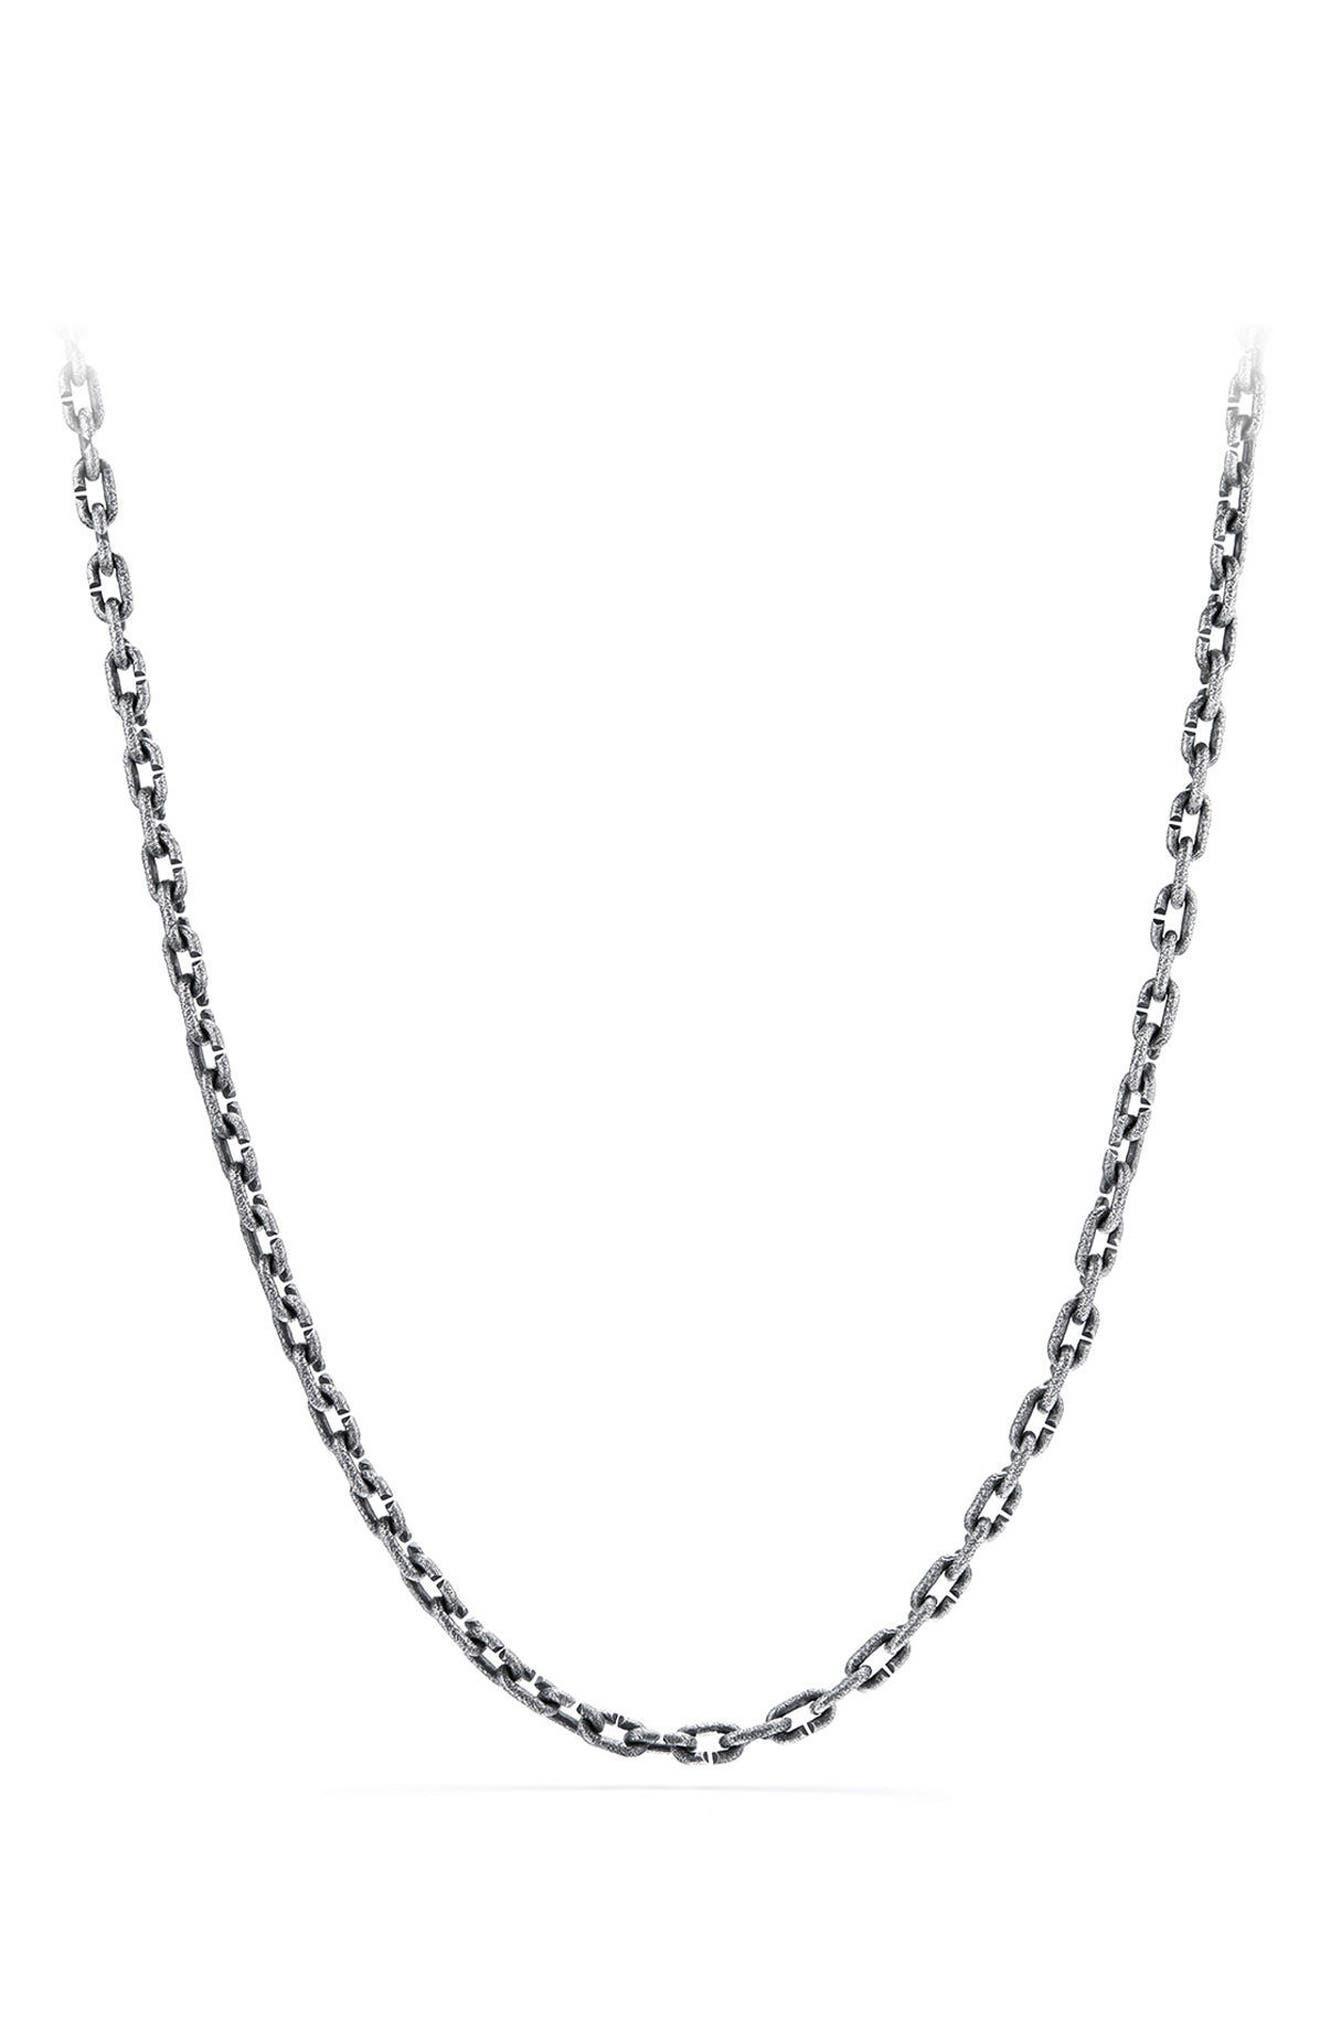 Shipwreck Chain Necklace,                         Main,                         color, Silver